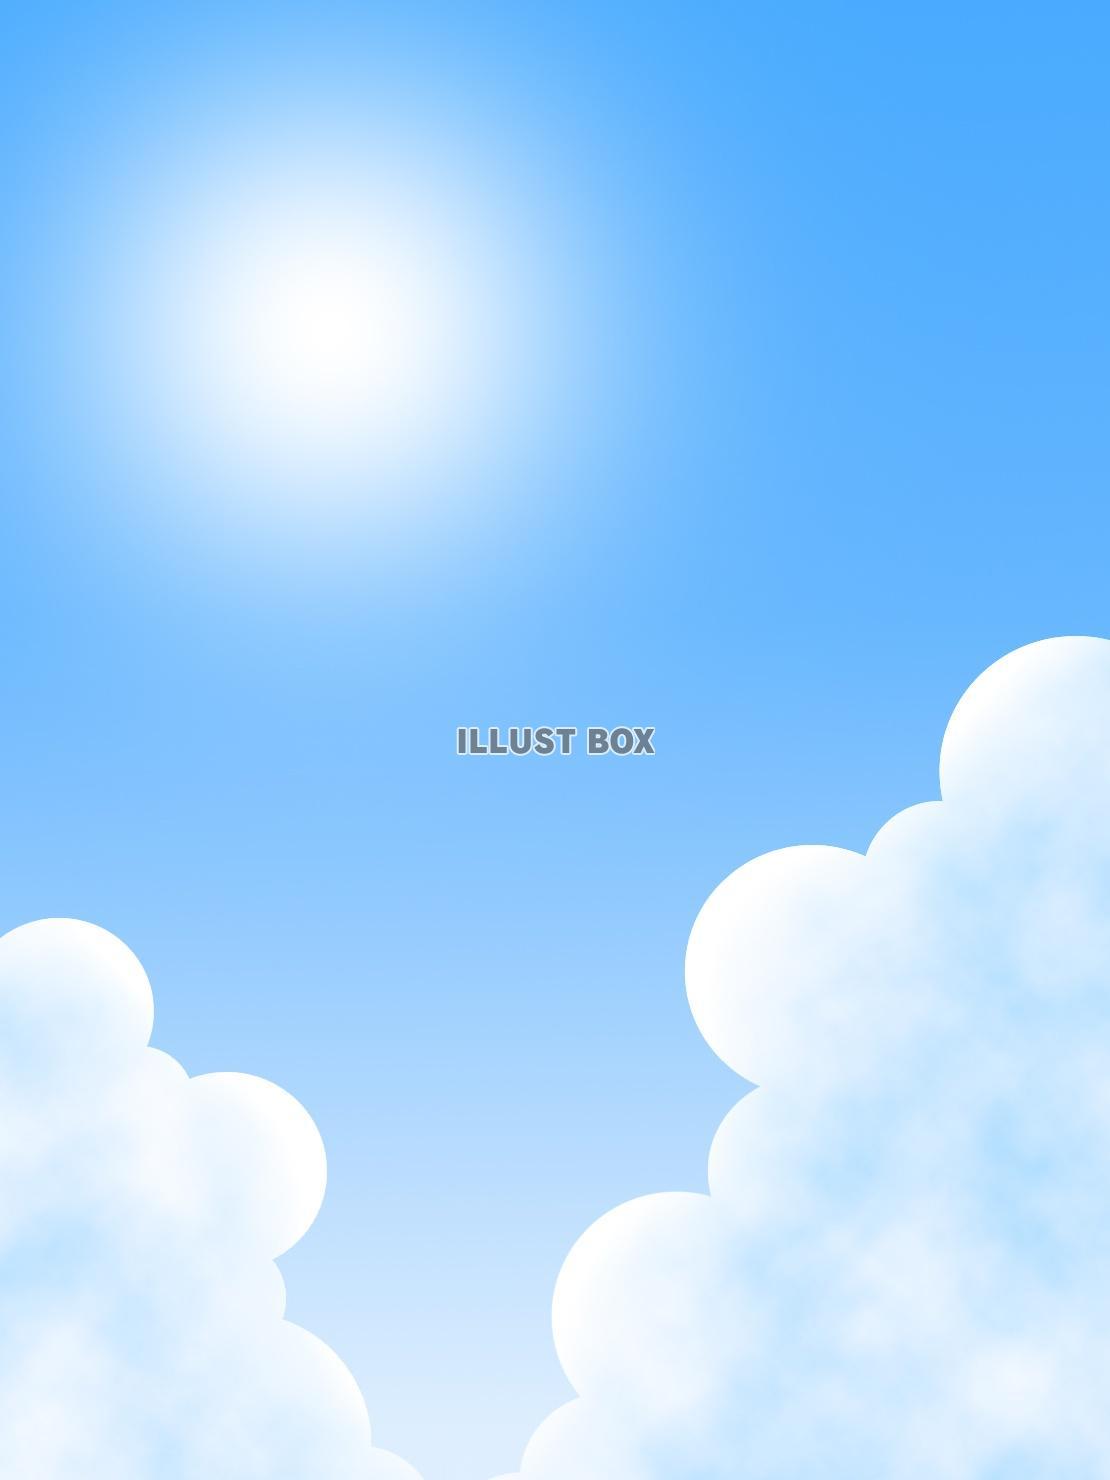 無料イラスト 夏の空の壁紙画像シンプル背景素材イラスト